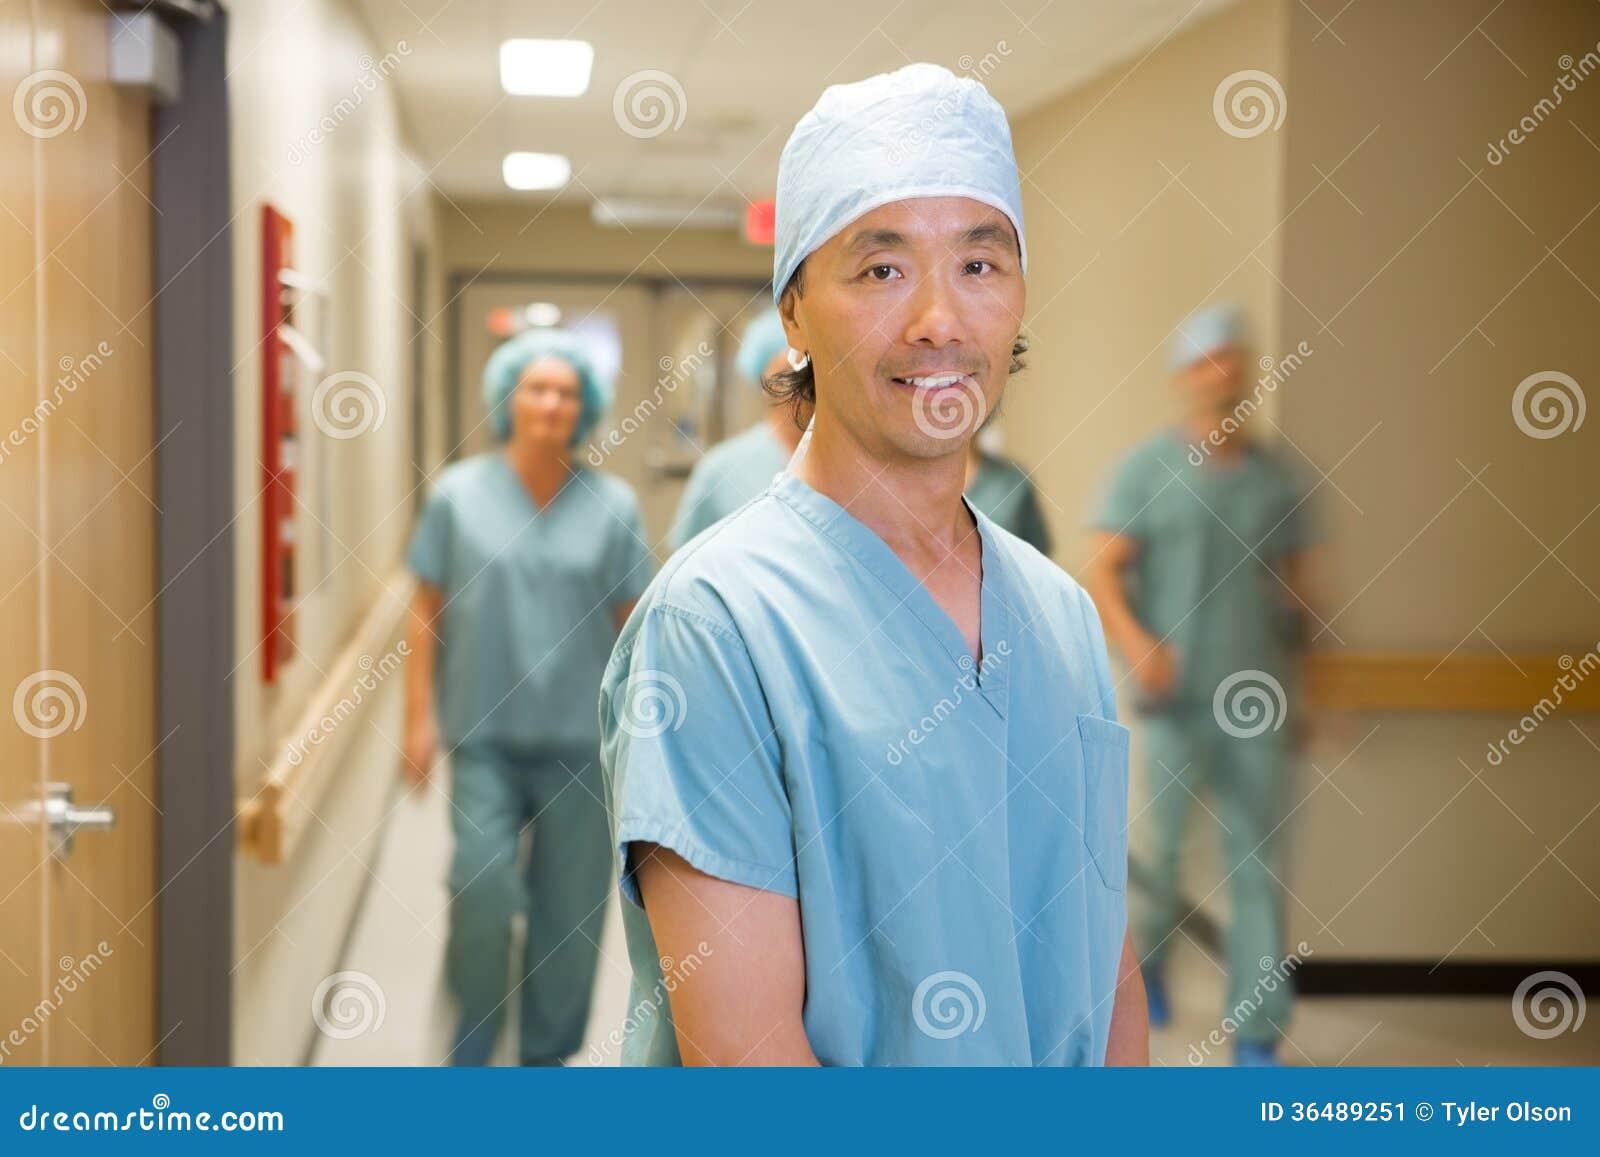 Медицинская бригада доктора С идя в больницу